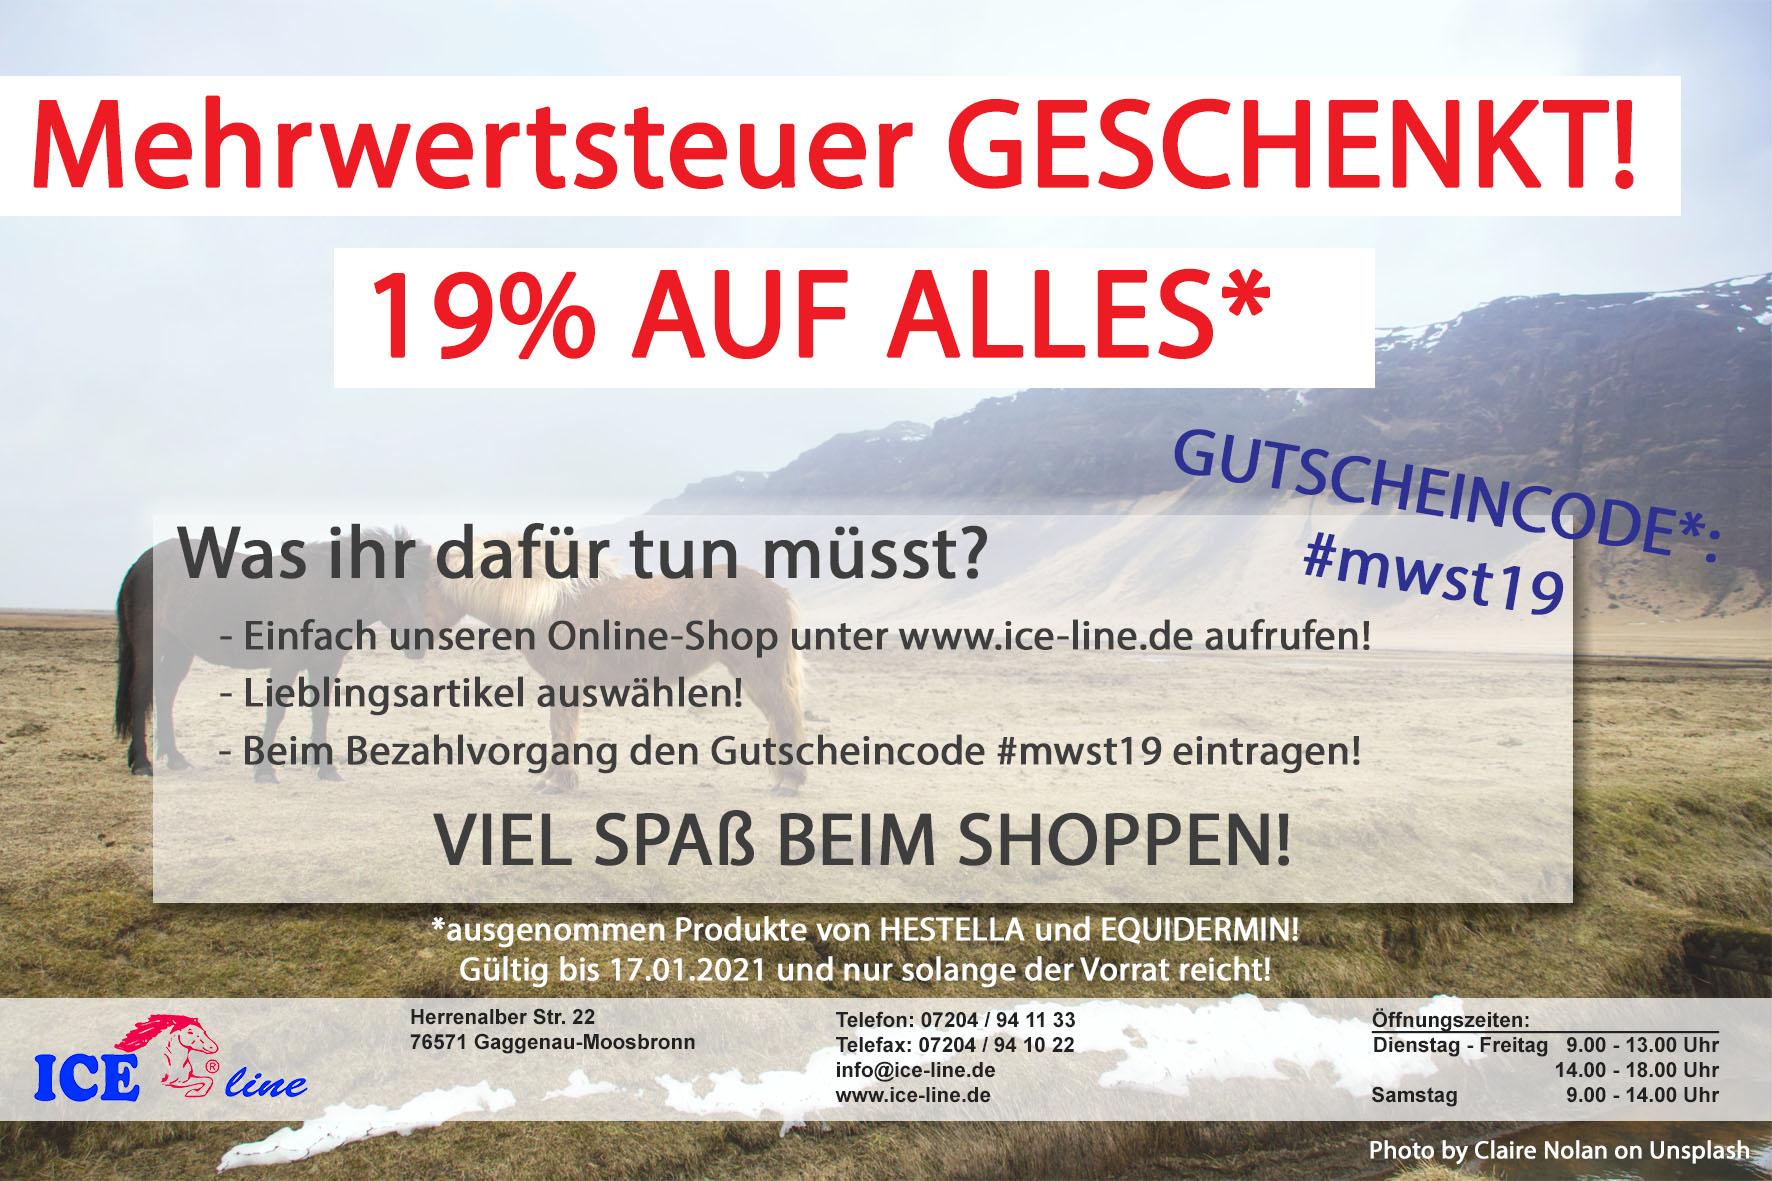 Mehrwertsteuer GESCHENKT! 1